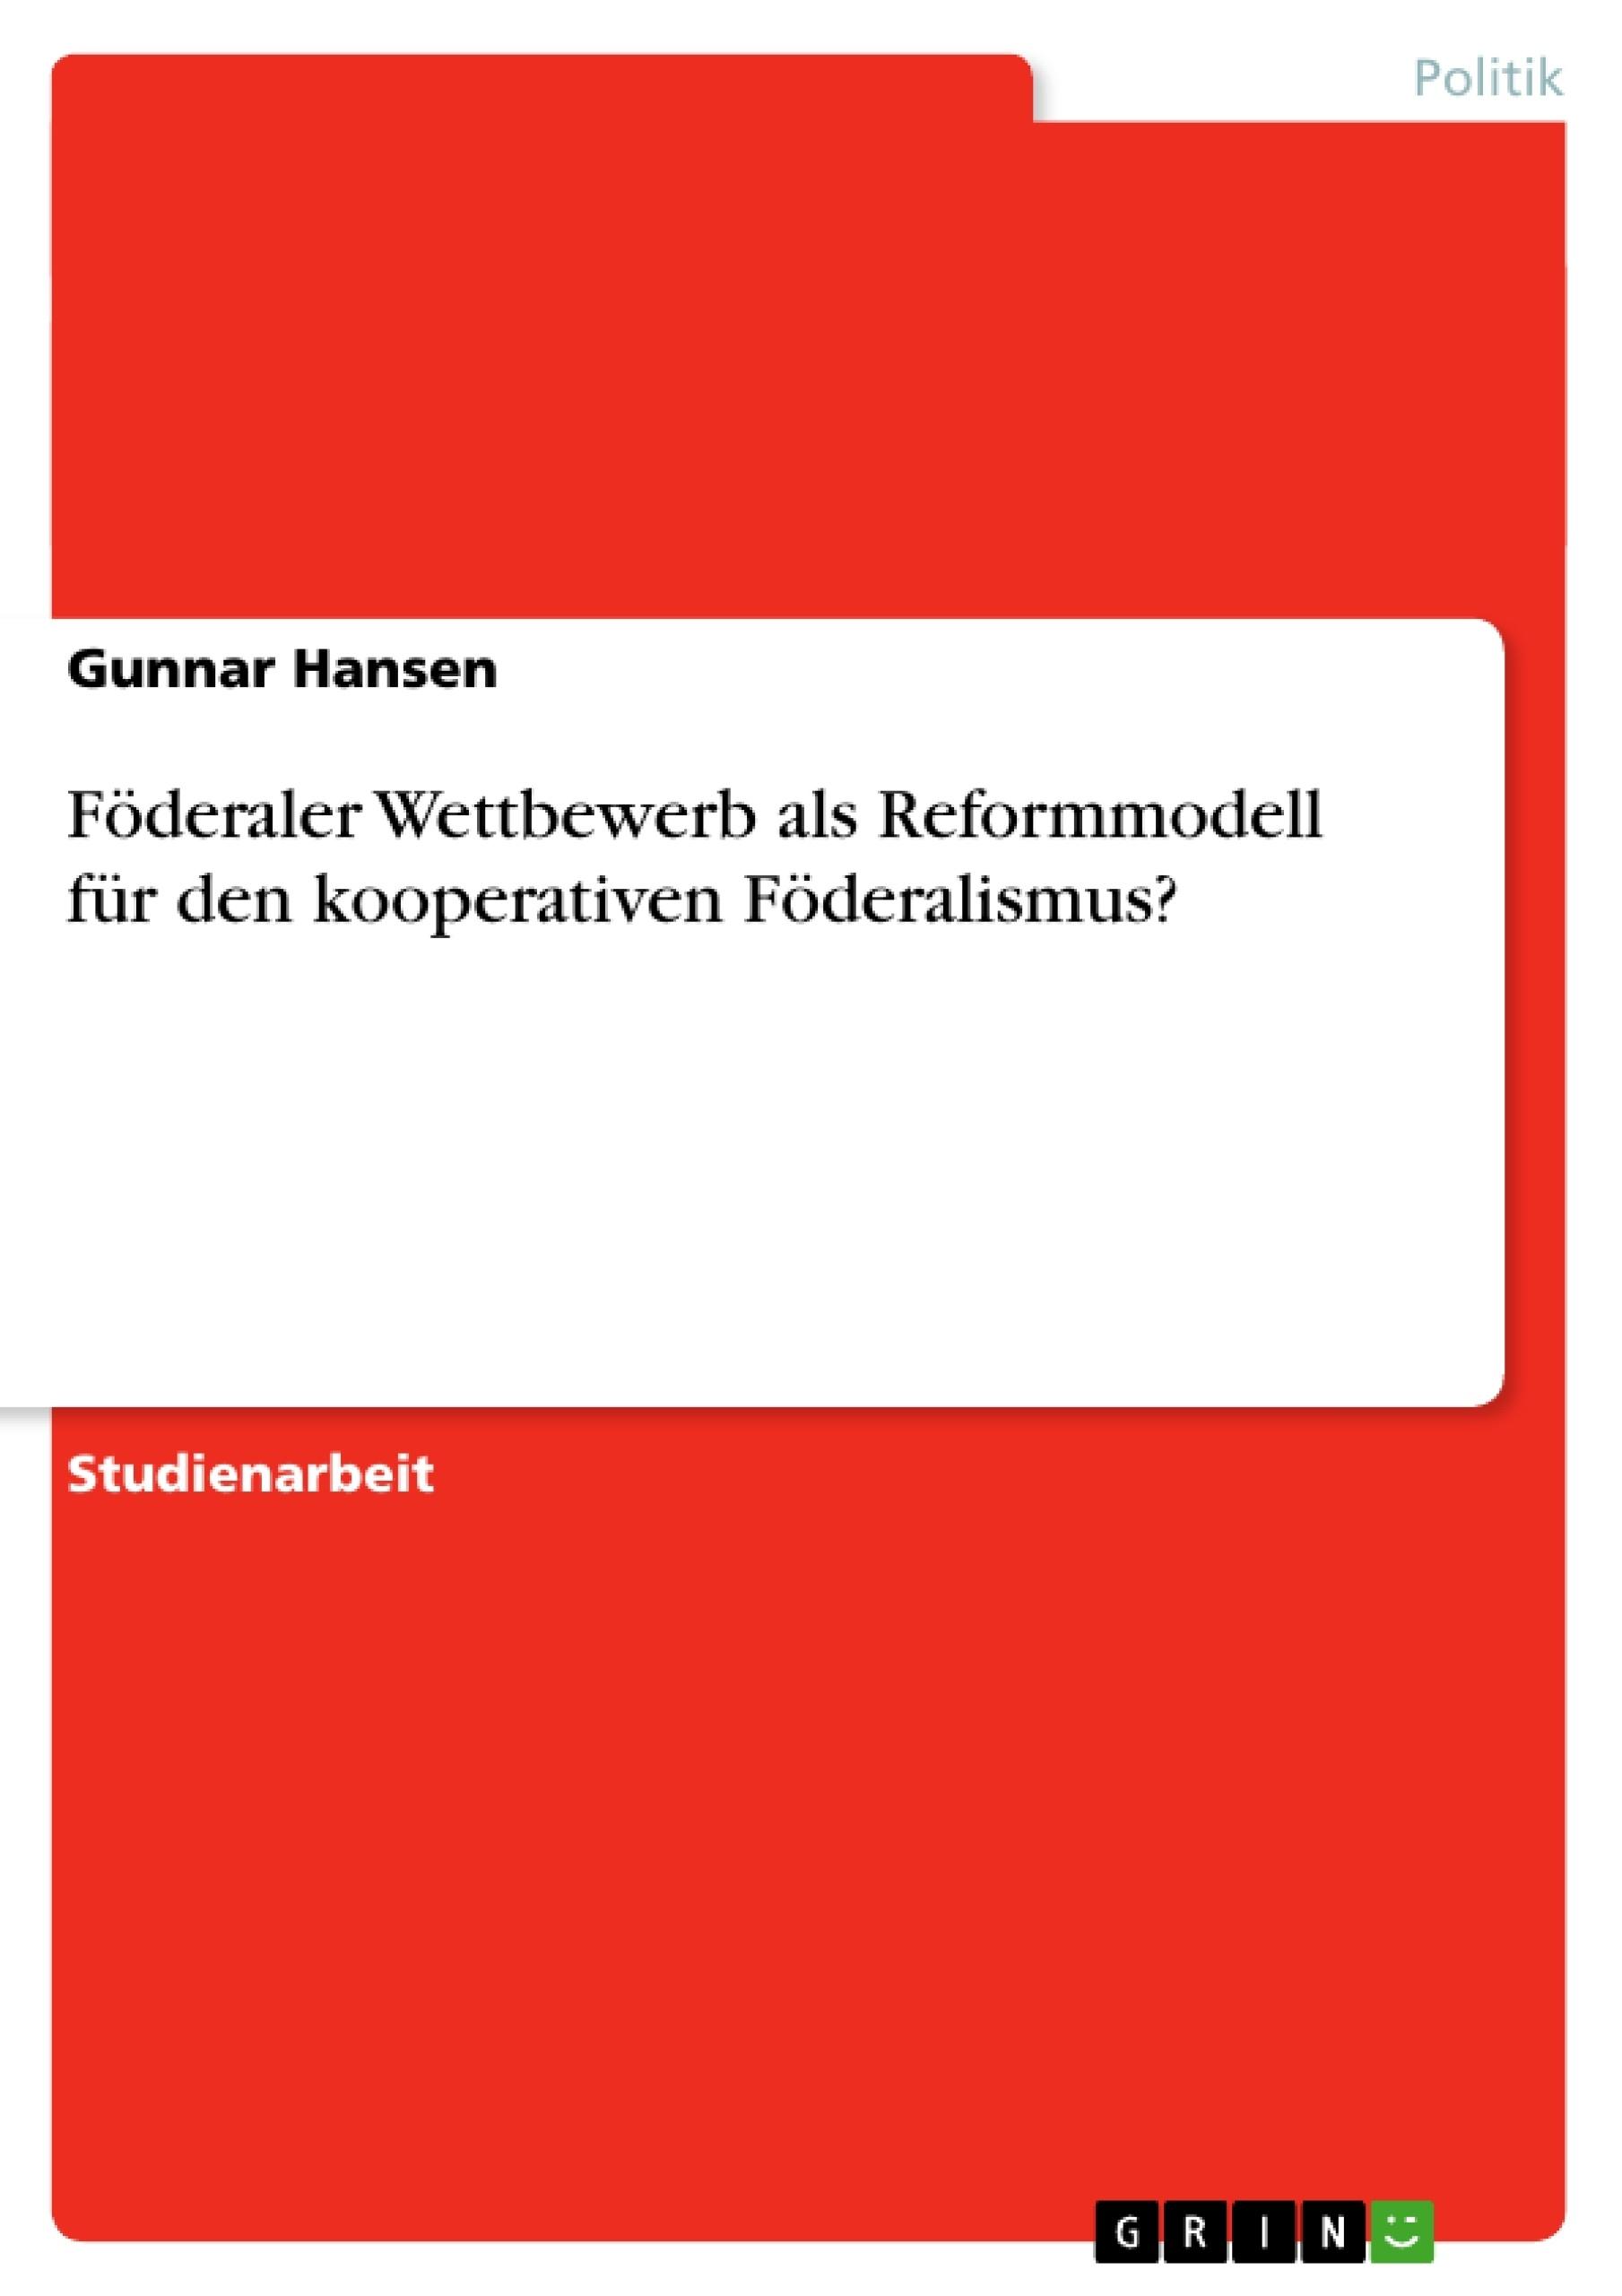 Titel: Föderaler Wettbewerb als Reformmodell für den kooperativen Föderalismus?